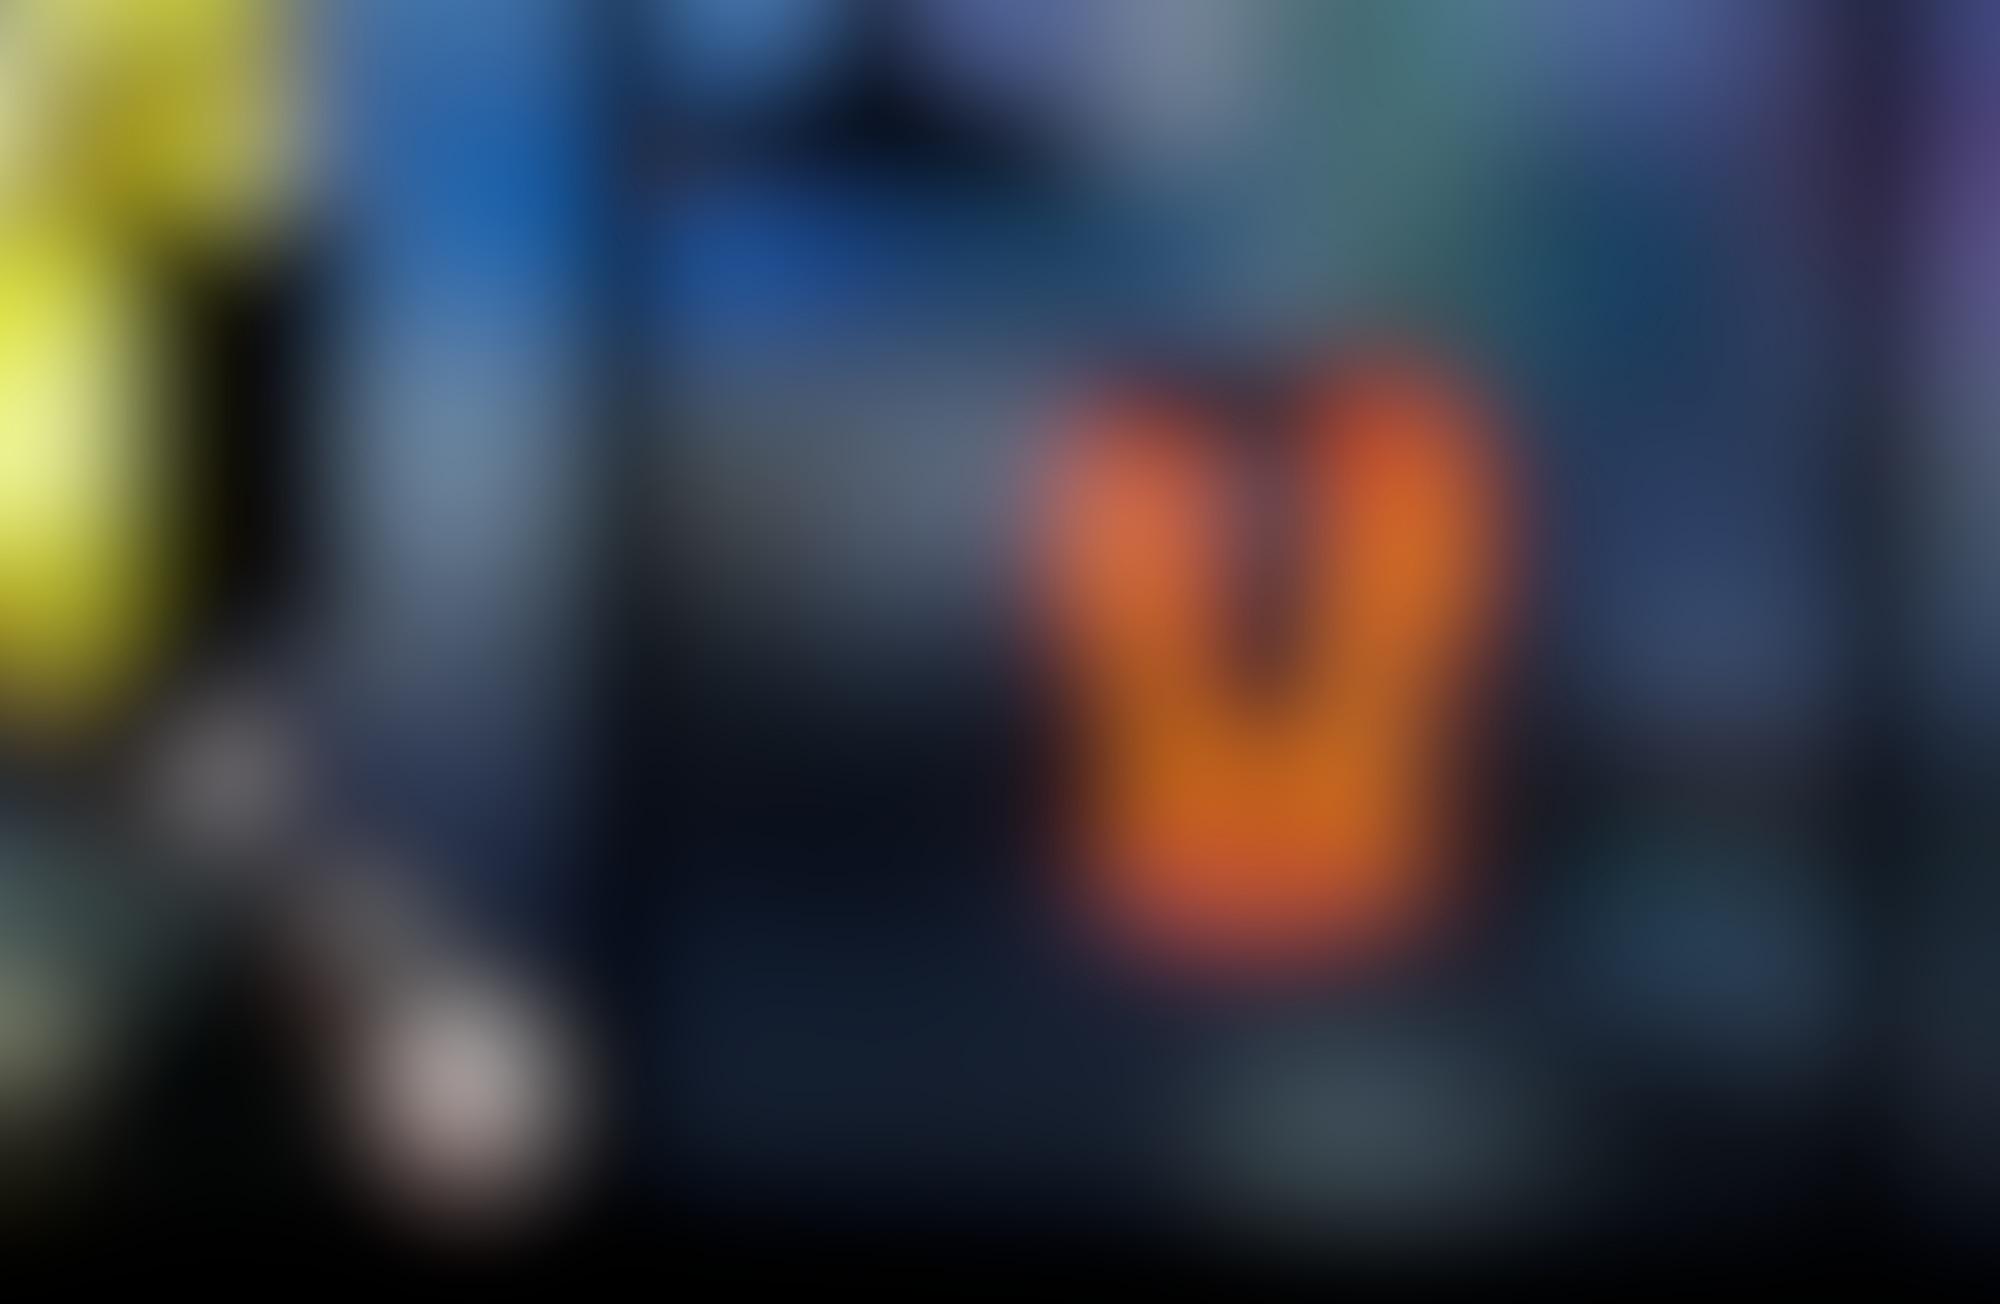 Trophy neon Pippa Drummond 800pxnn autocompressfitresizeixlibphp 1 1 0max h2000max w3 D2000q80se564b80bbfd7924bb332330c479cd853